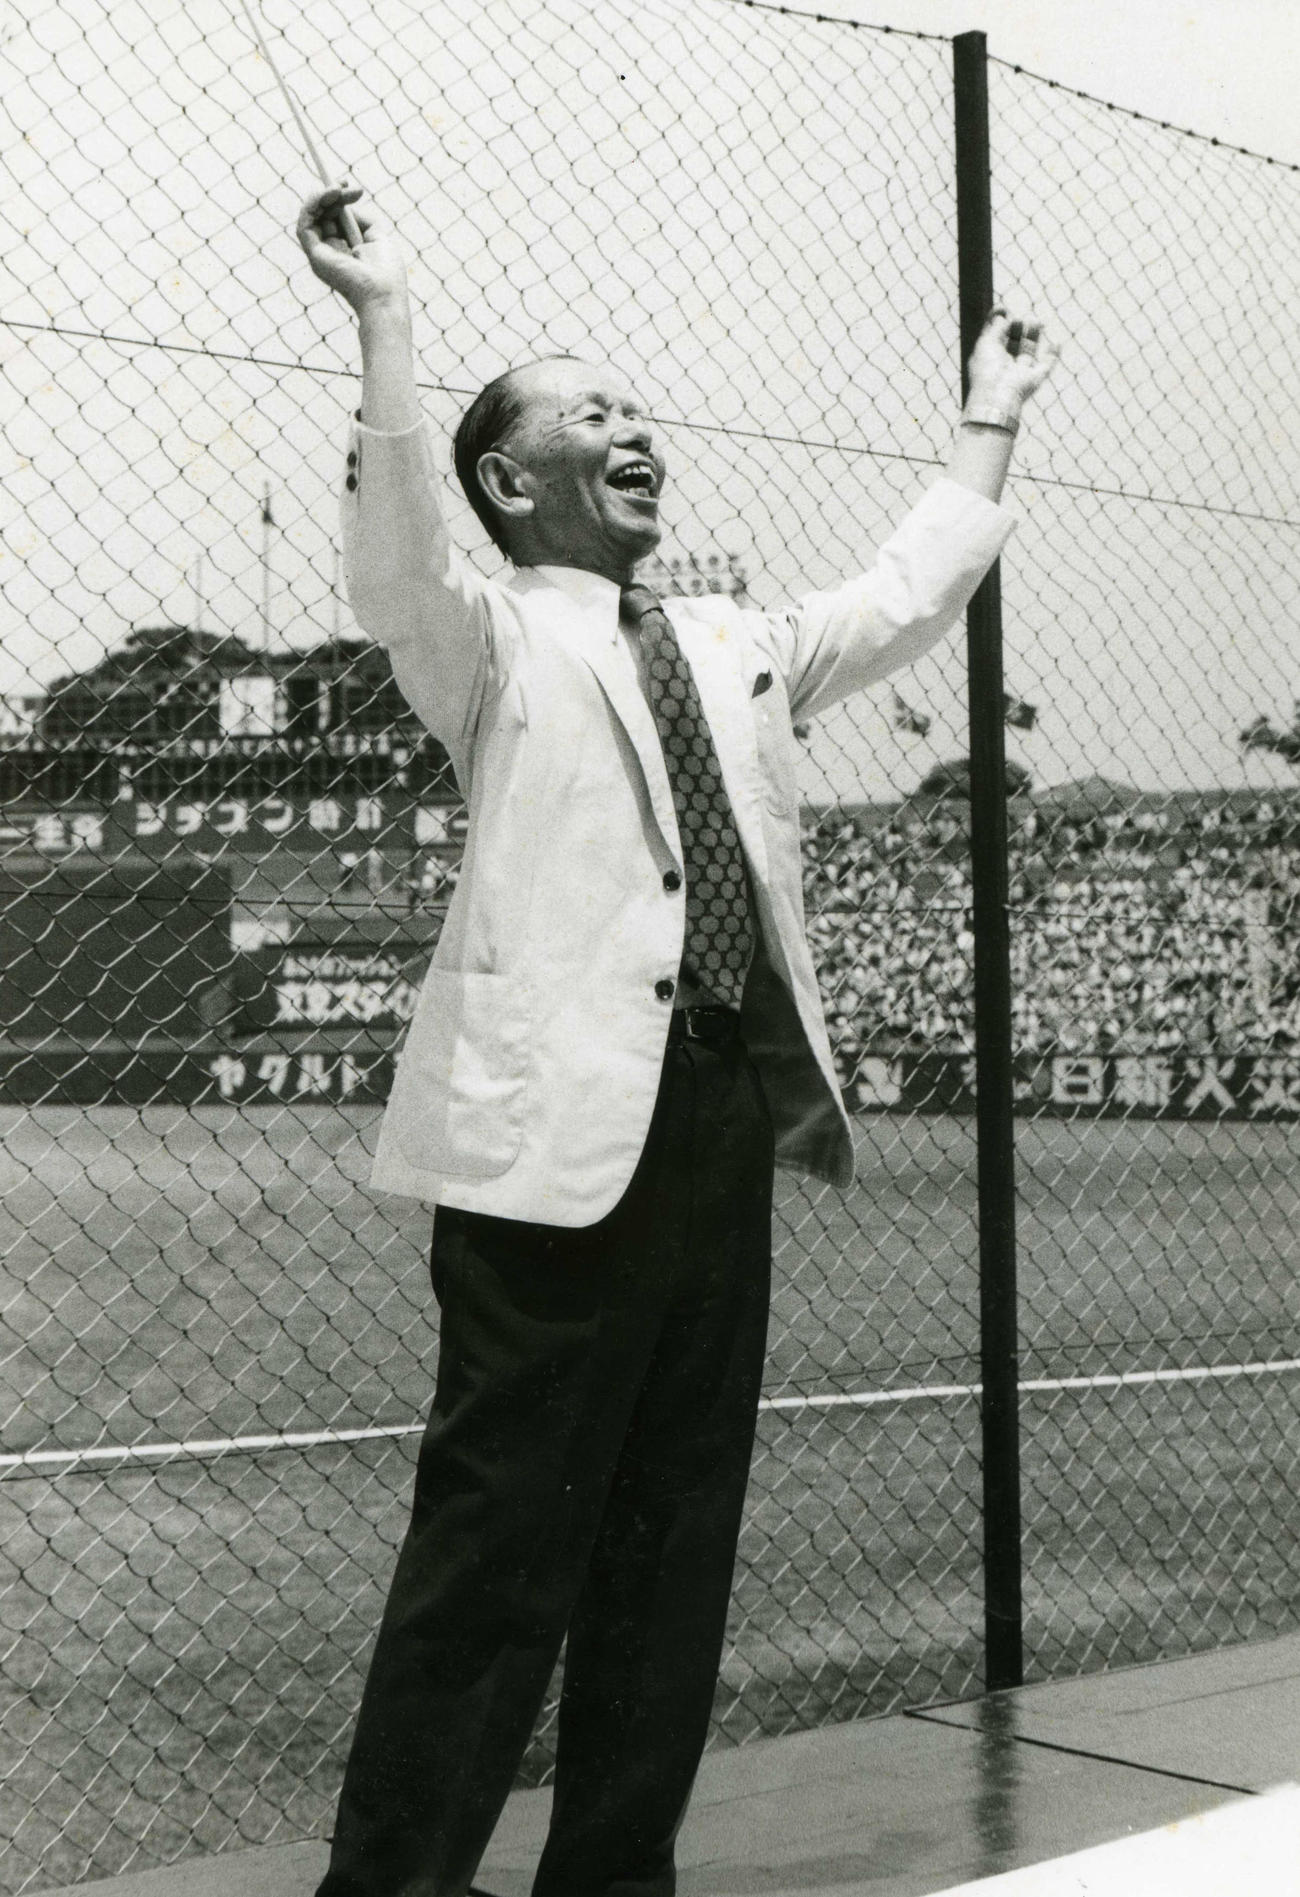 76年、早大応援歌「紺碧の空」45周年に、神宮の早慶戦で指揮を執る古関裕而氏(古関正裕さん提供)